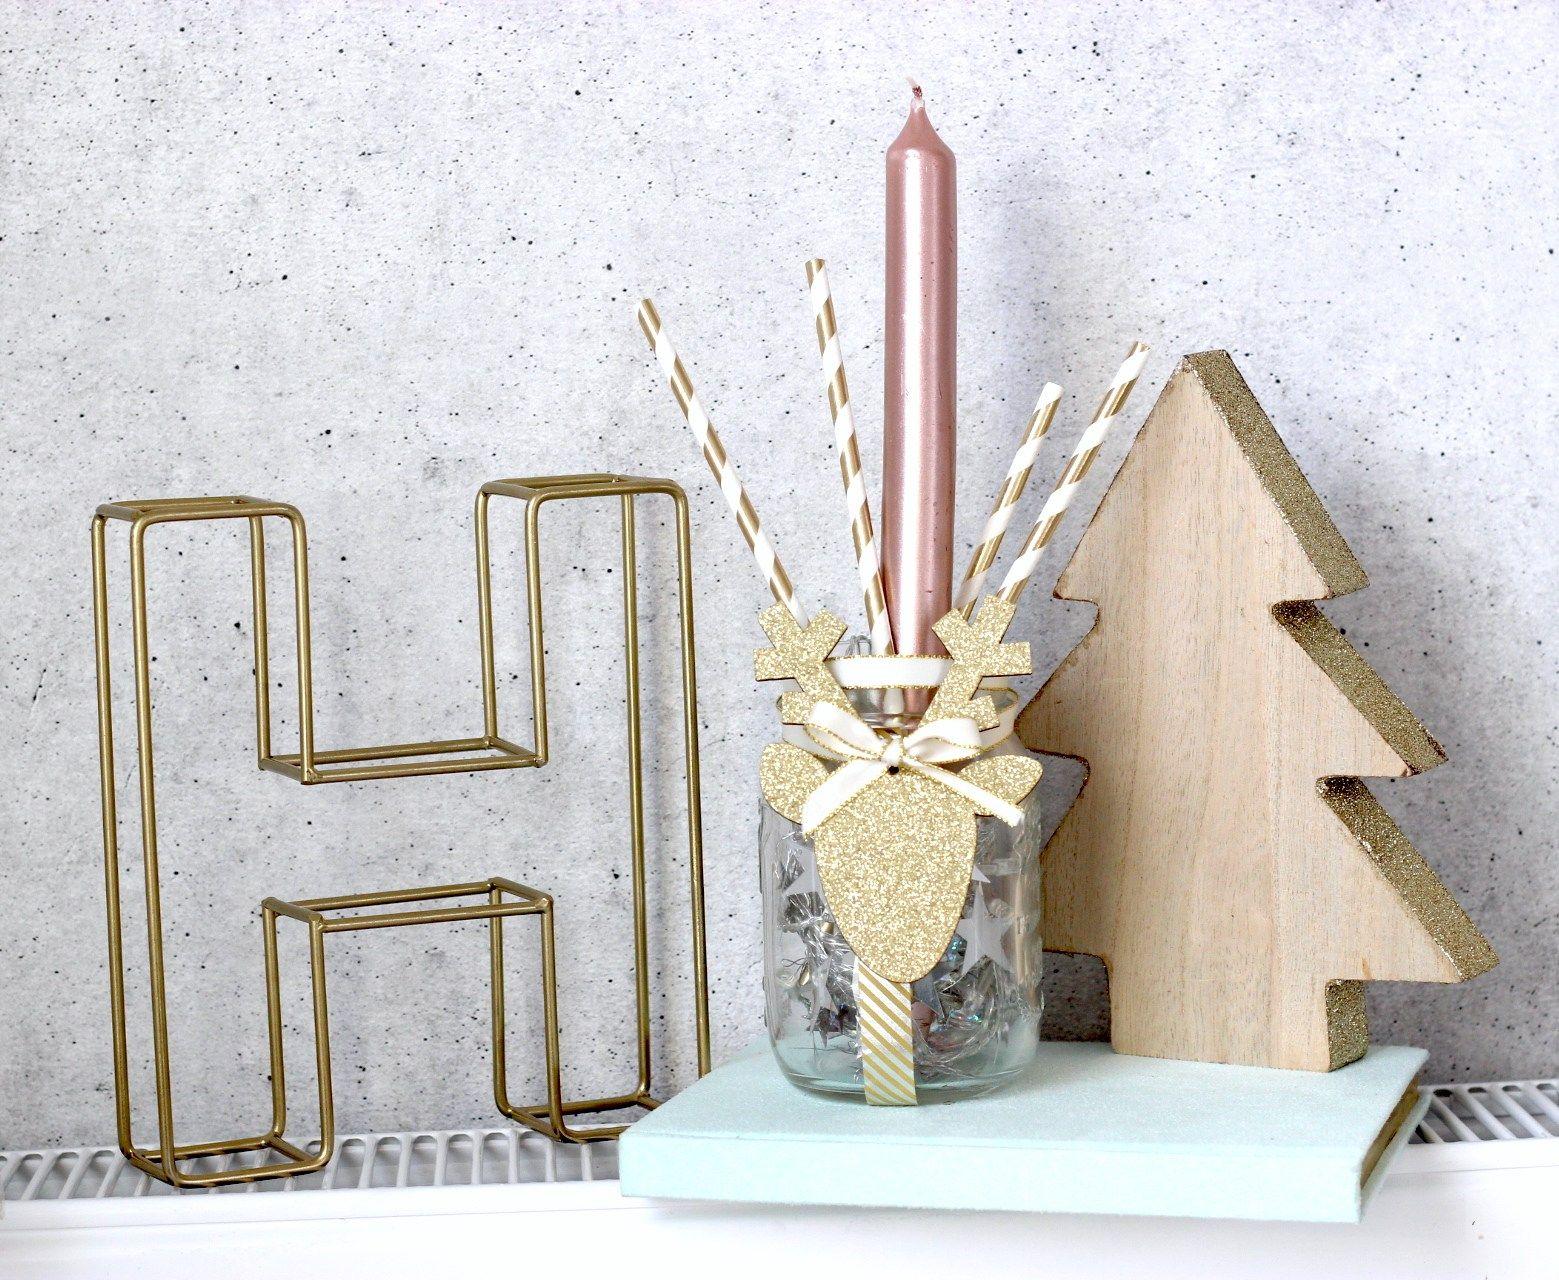 deutsche interior blogger diy weihnachtsdeko hema windlichter kissen bestempeln deutscher wohnblog german interior - Diy Weihnachtsdeko Blog